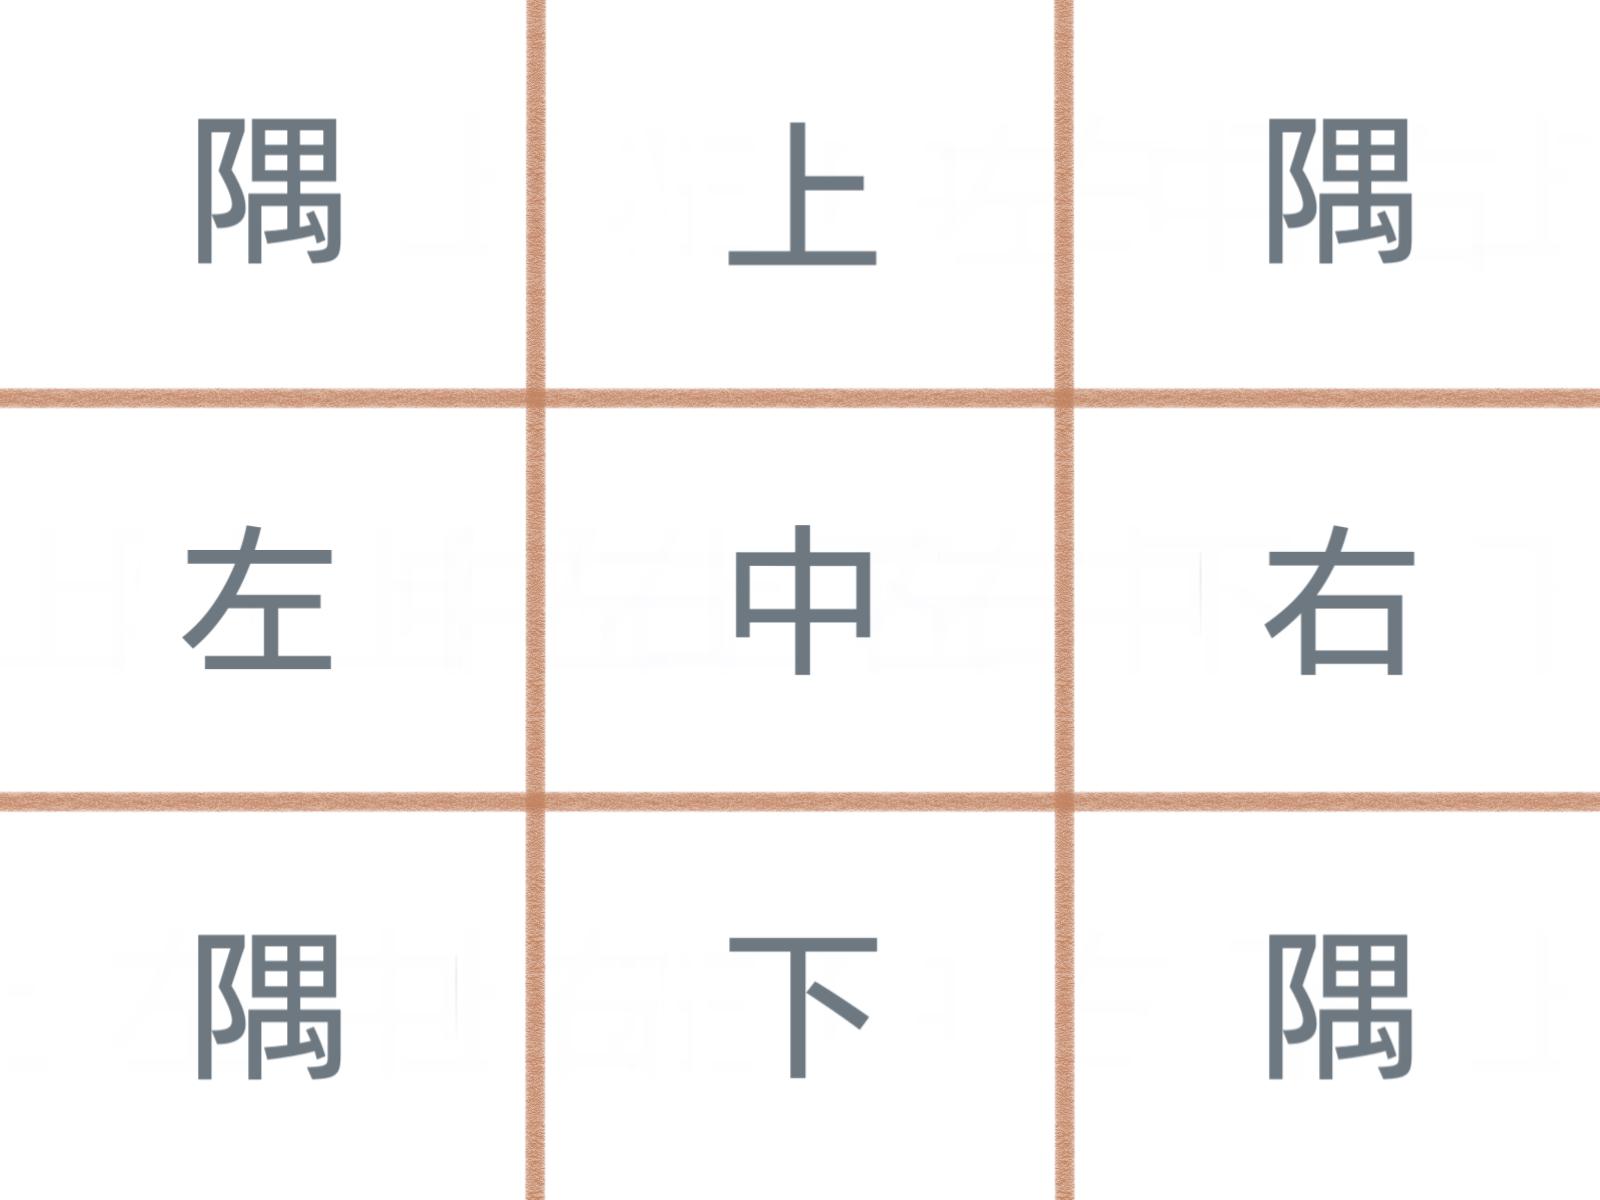 グリッドデザインの3×3(九区画)のレイアウト